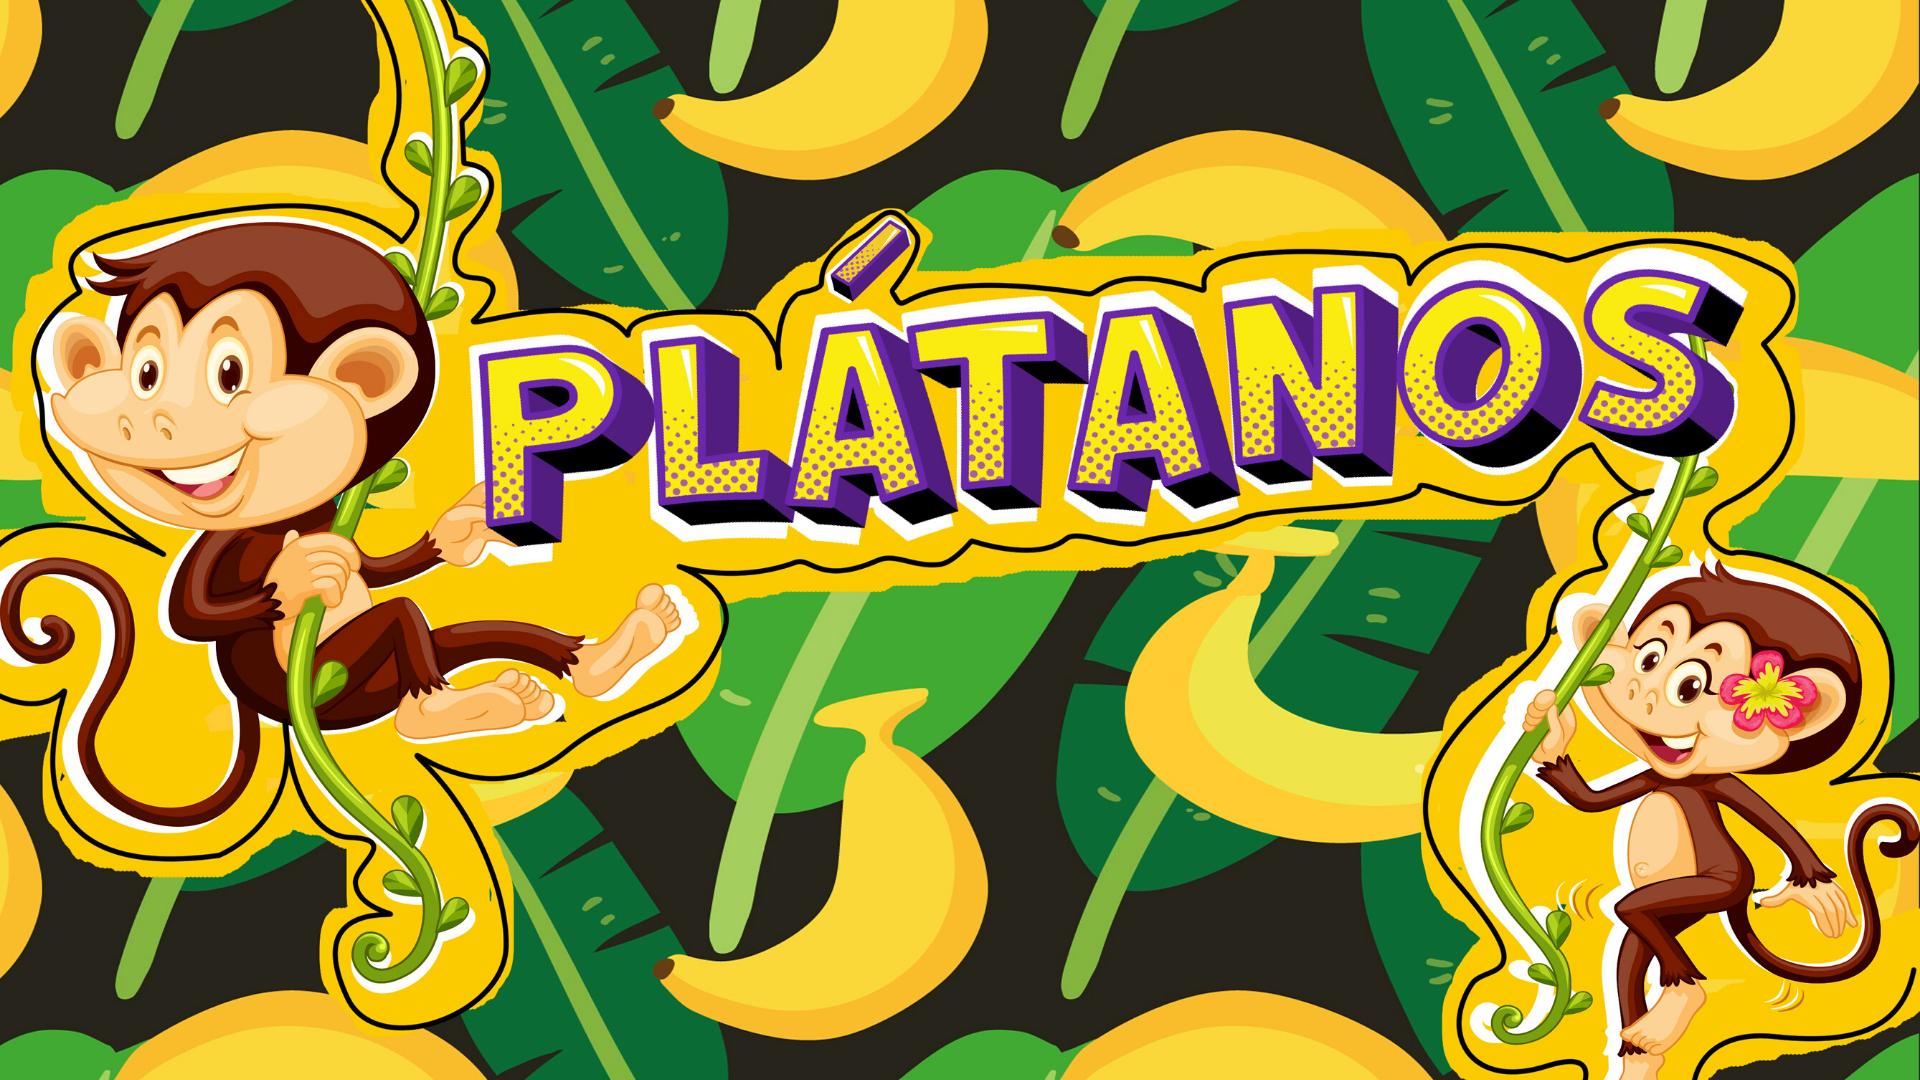 Maxifritos Nuestros productos Plátanos